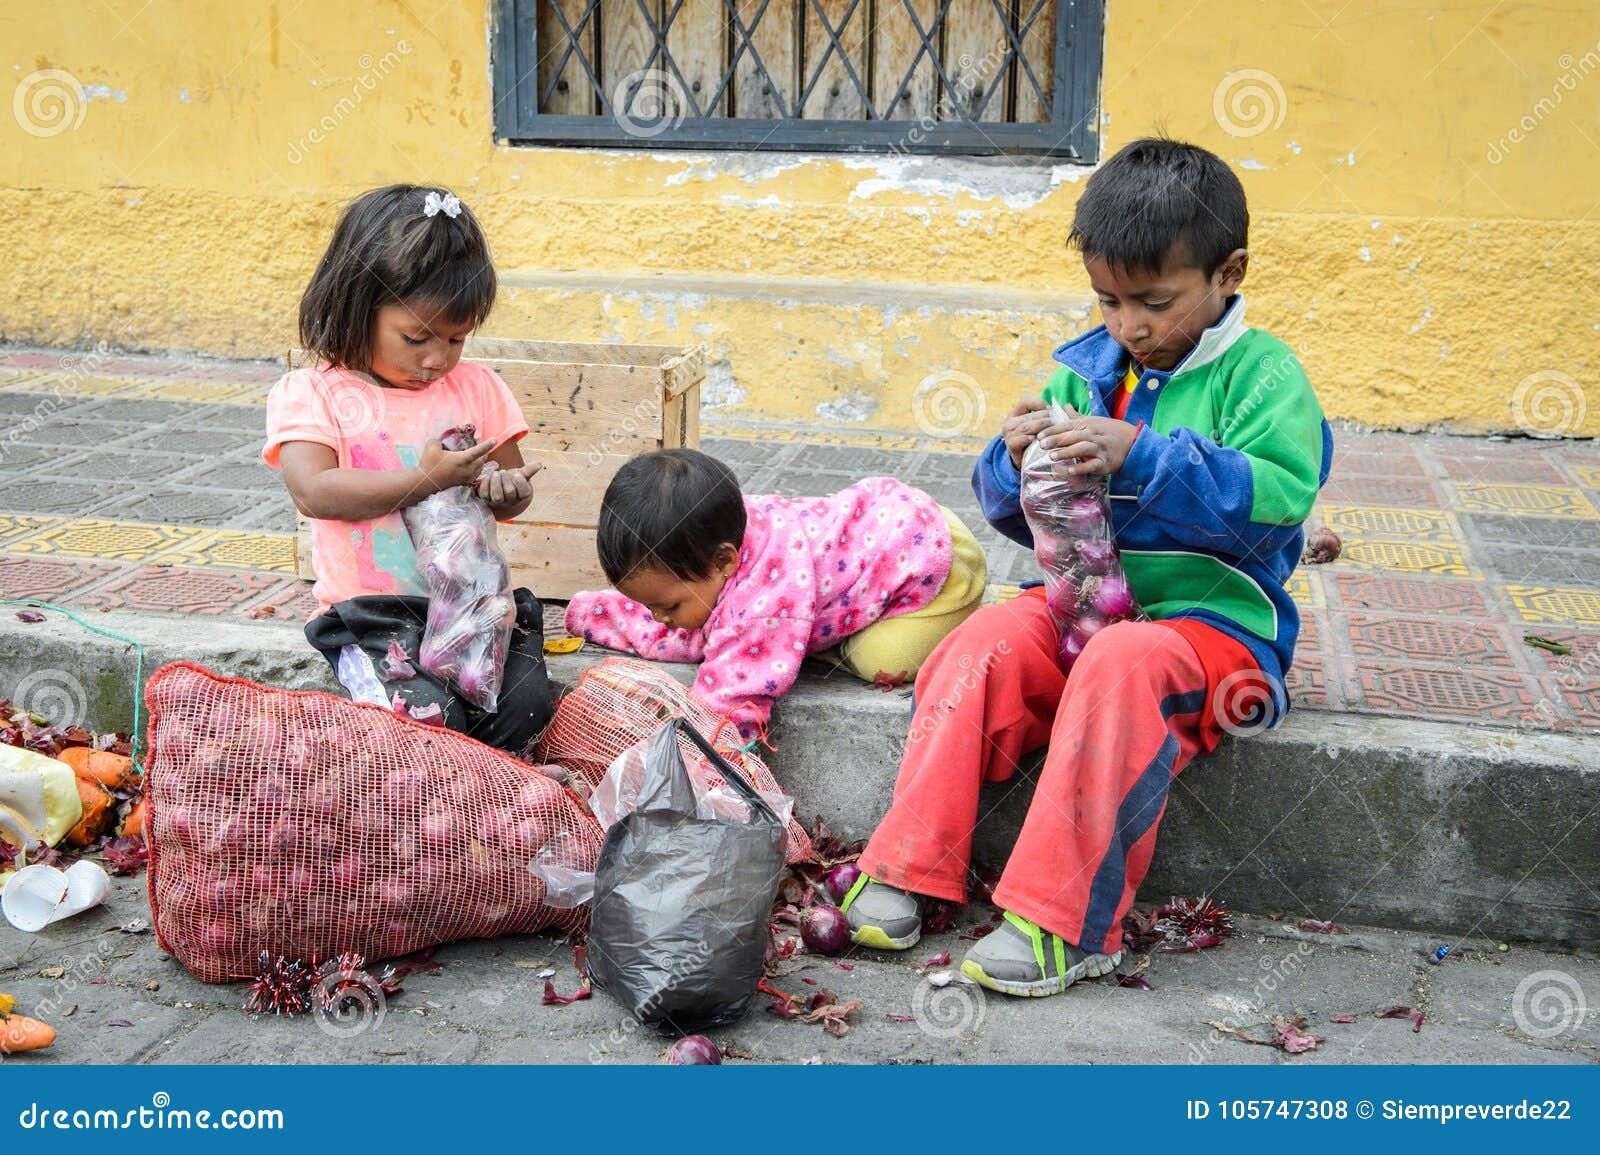 Otavalo ecuador jan 3 2015 unidentified ecuadorian children with onion at the otavalo market 719 of ecuadorian people belong to the mestizo ethnic